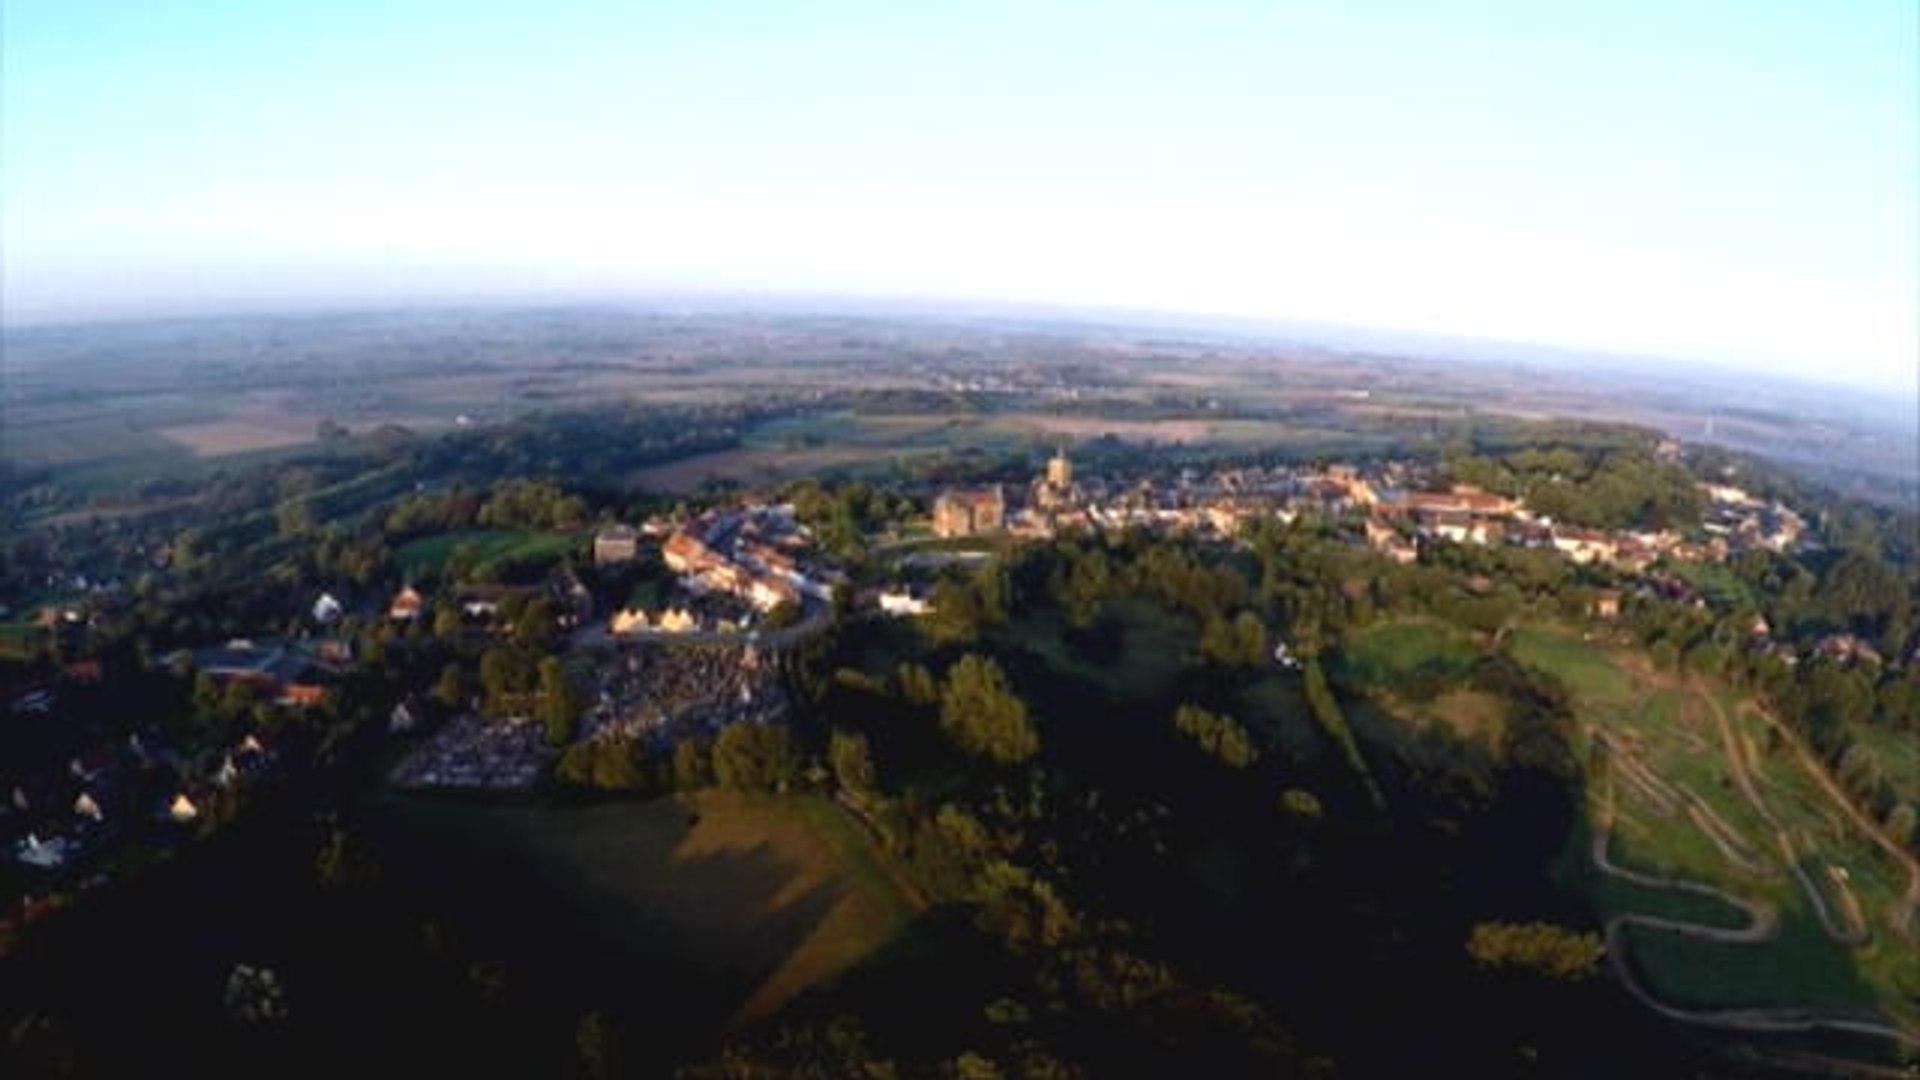 Bienvenue à Cassel, le village préféré des Français - 24/06/2018